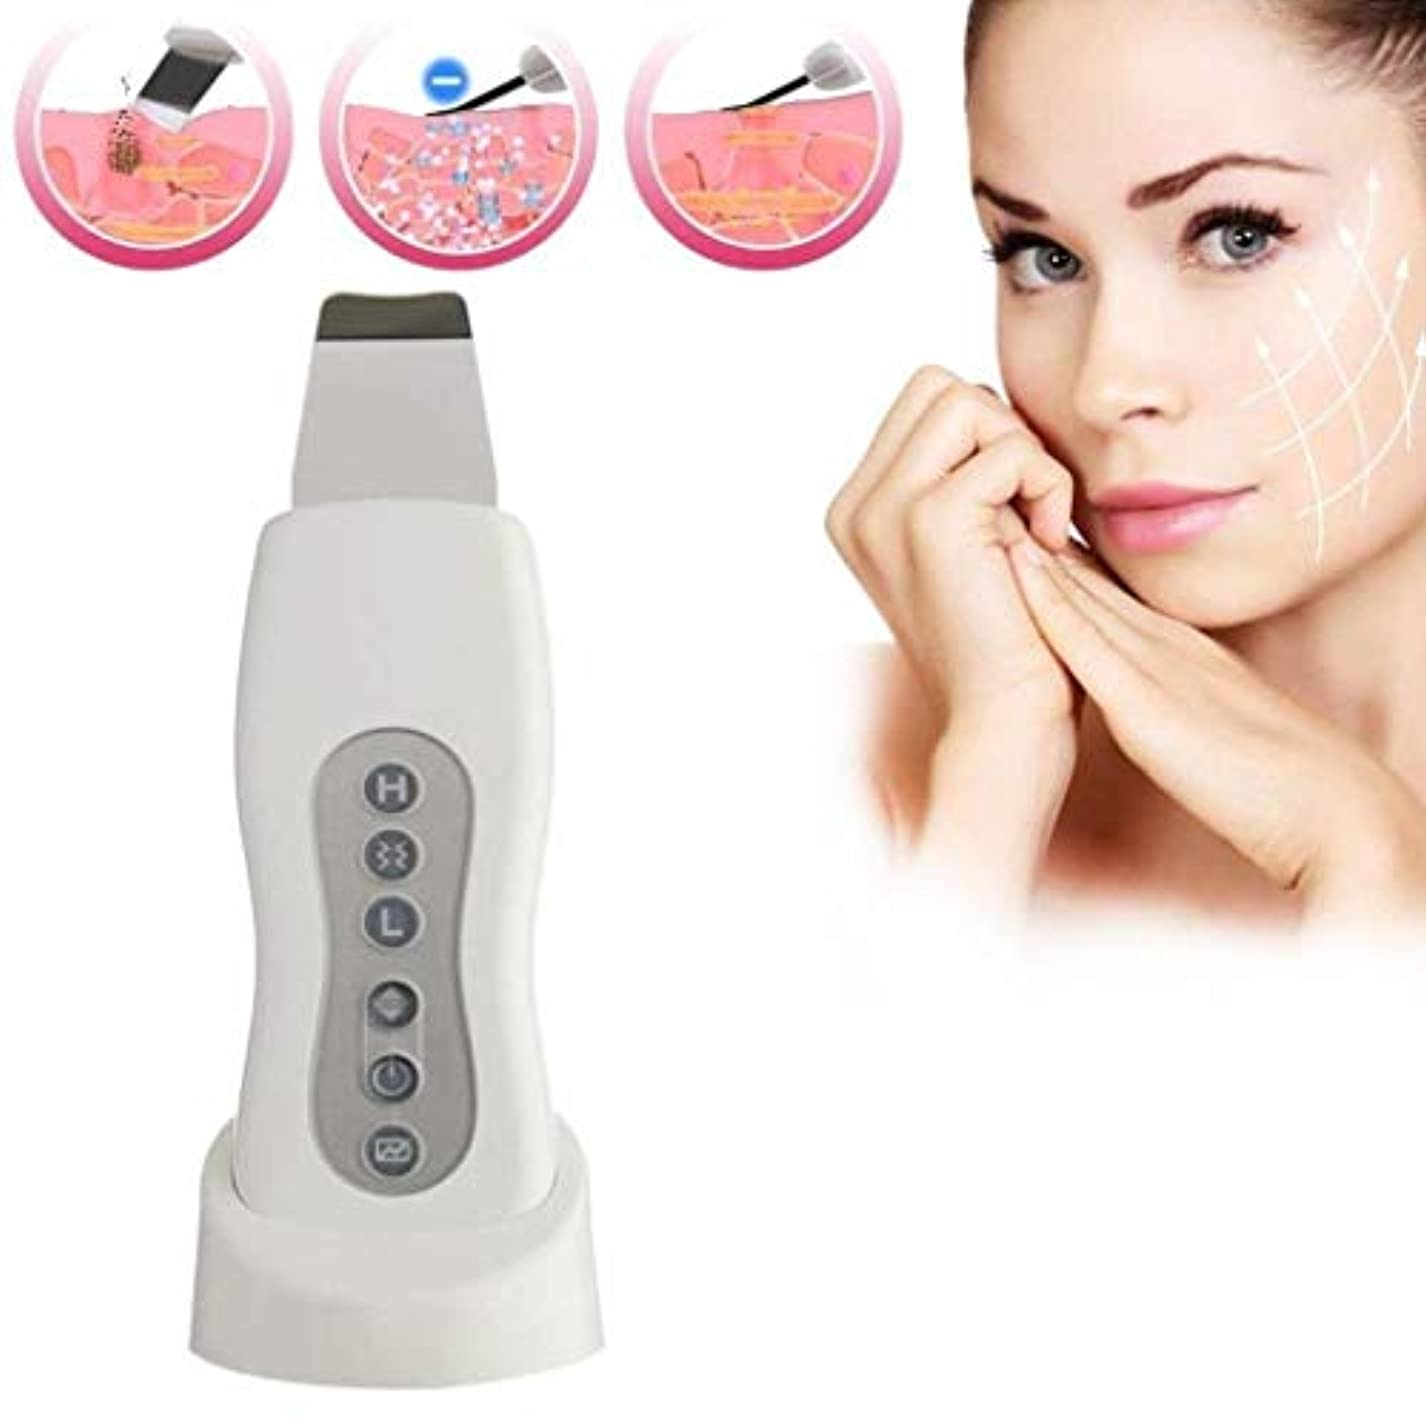 熟練したから変装黒ずみを取り除くための顔の皮膚のスクラバーポータブル顔のスクラバーのスキンケアの皮のしわの取り外し機械洗剤の美顔装置